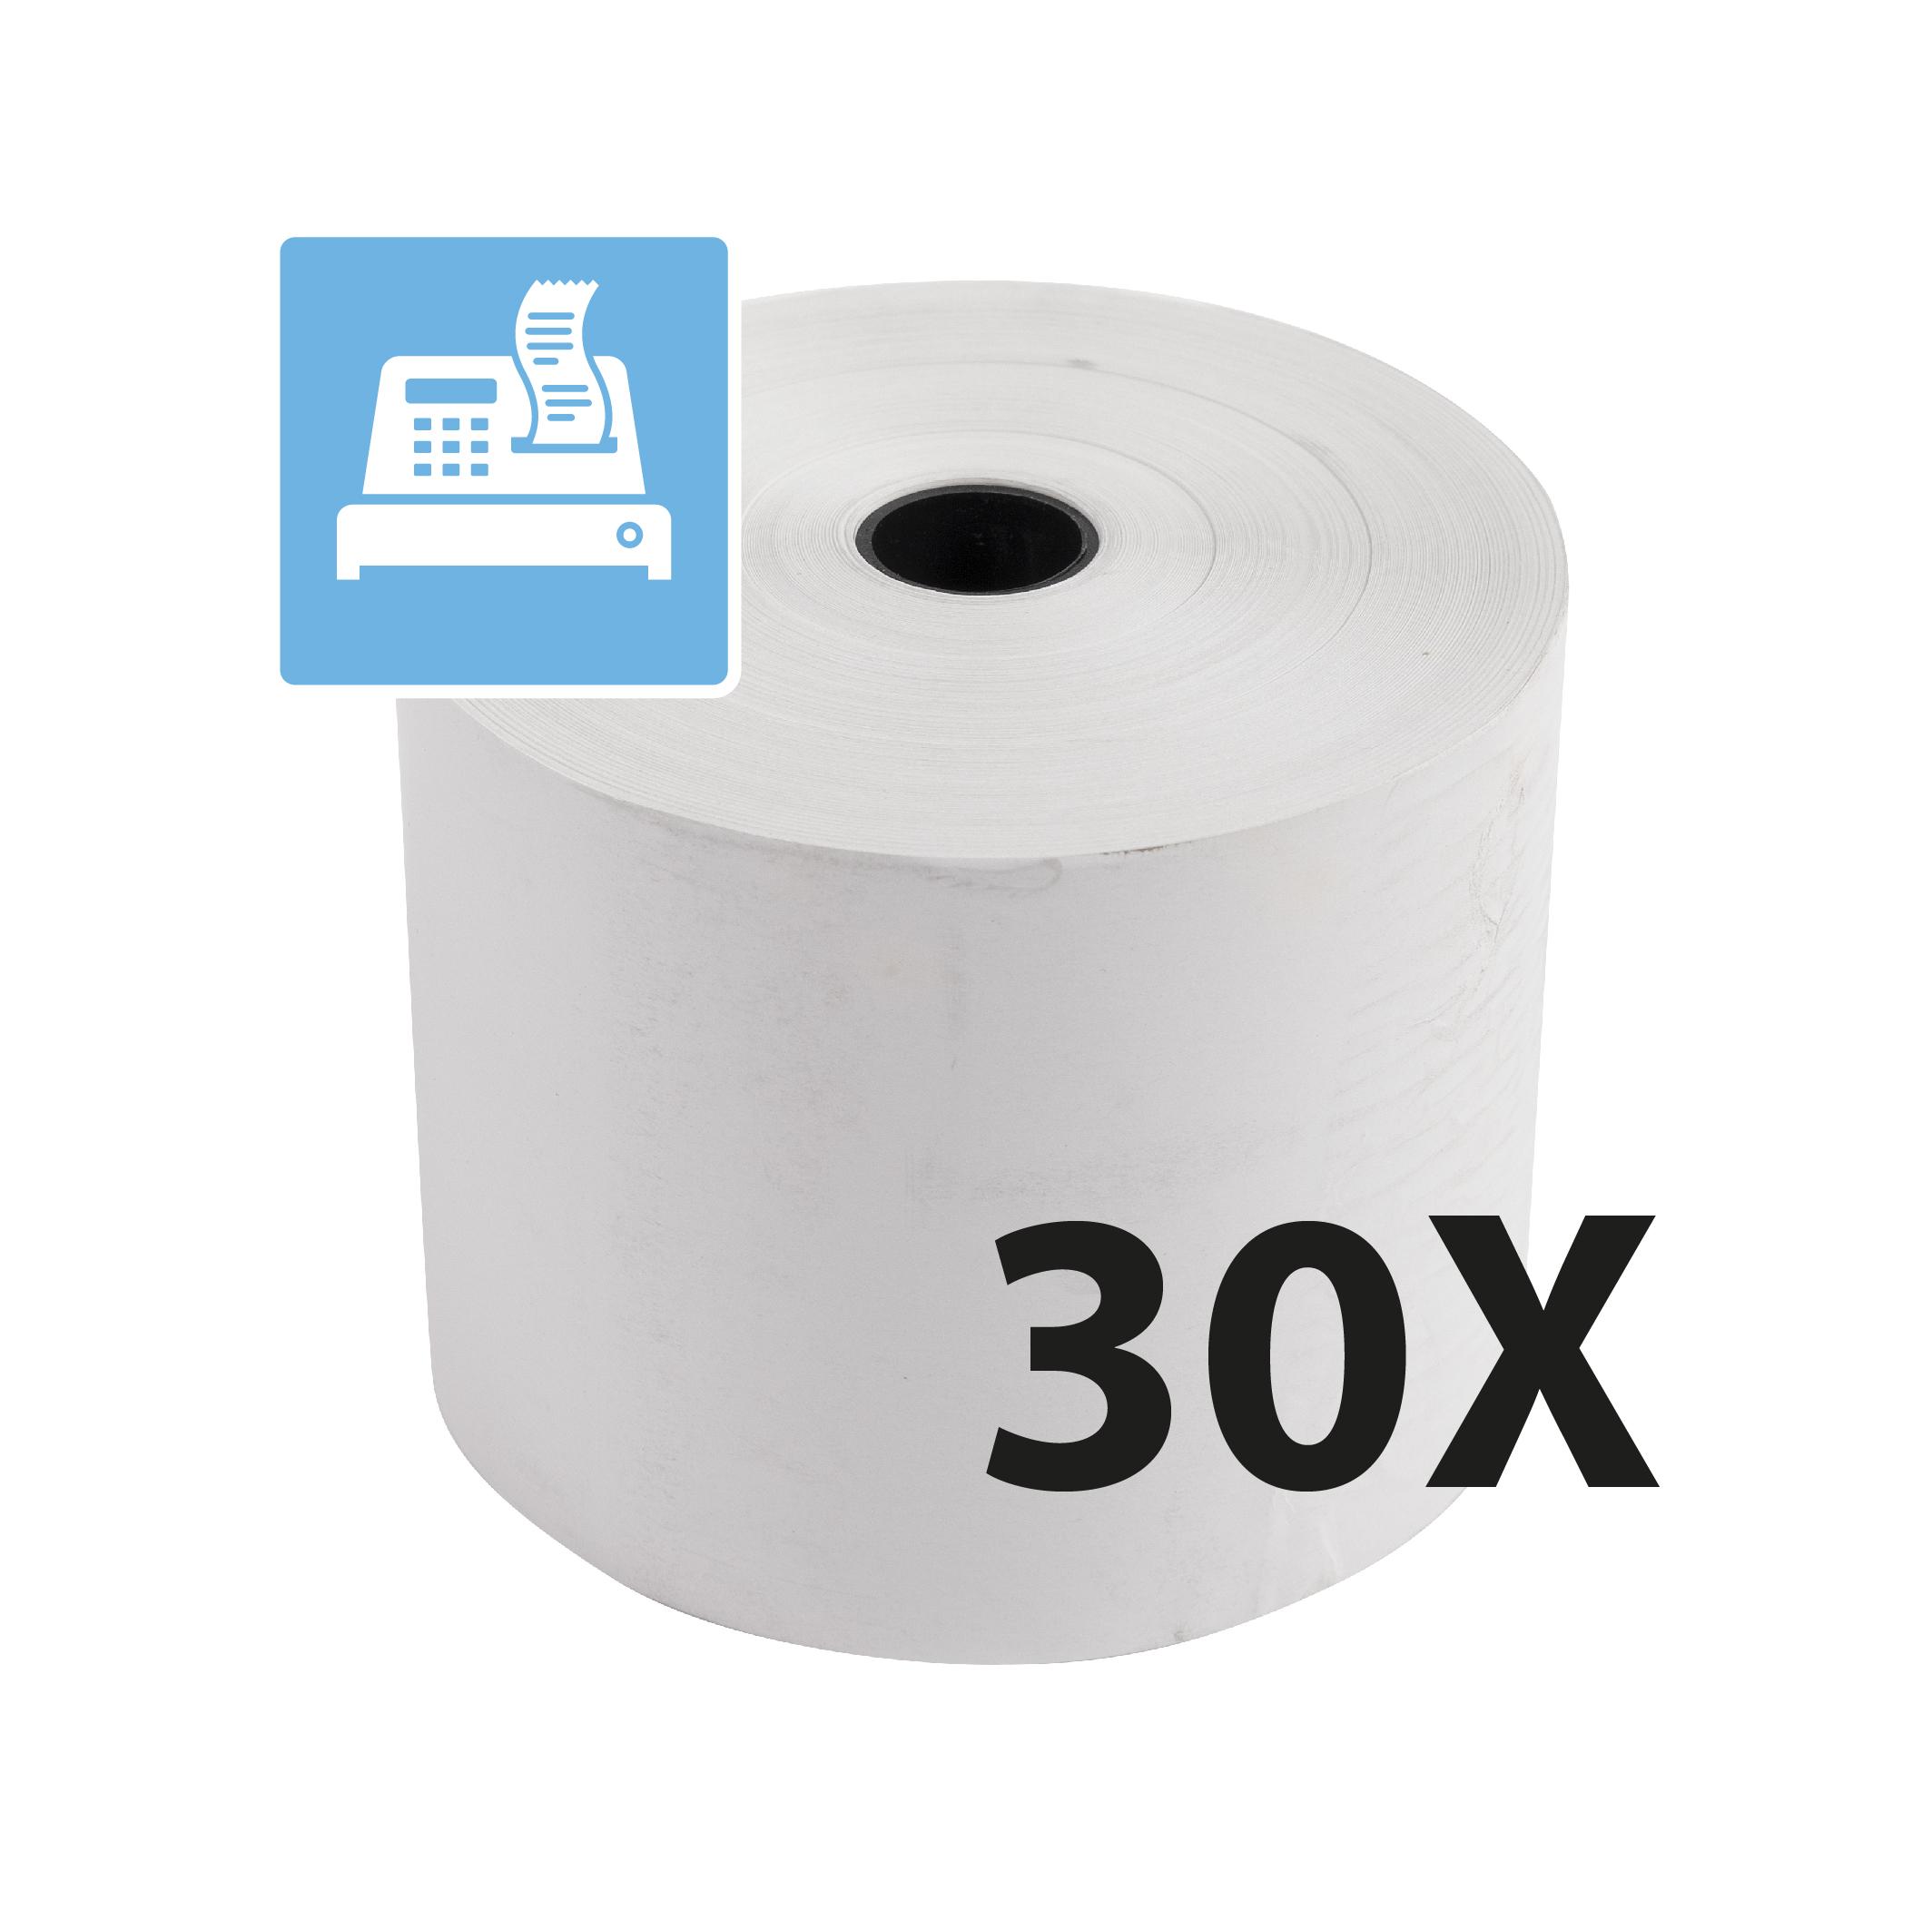 Exacompta - 30 Bobines caisses - papier thermique 60 x 80 mm - sans Bisphénol A - 76 m